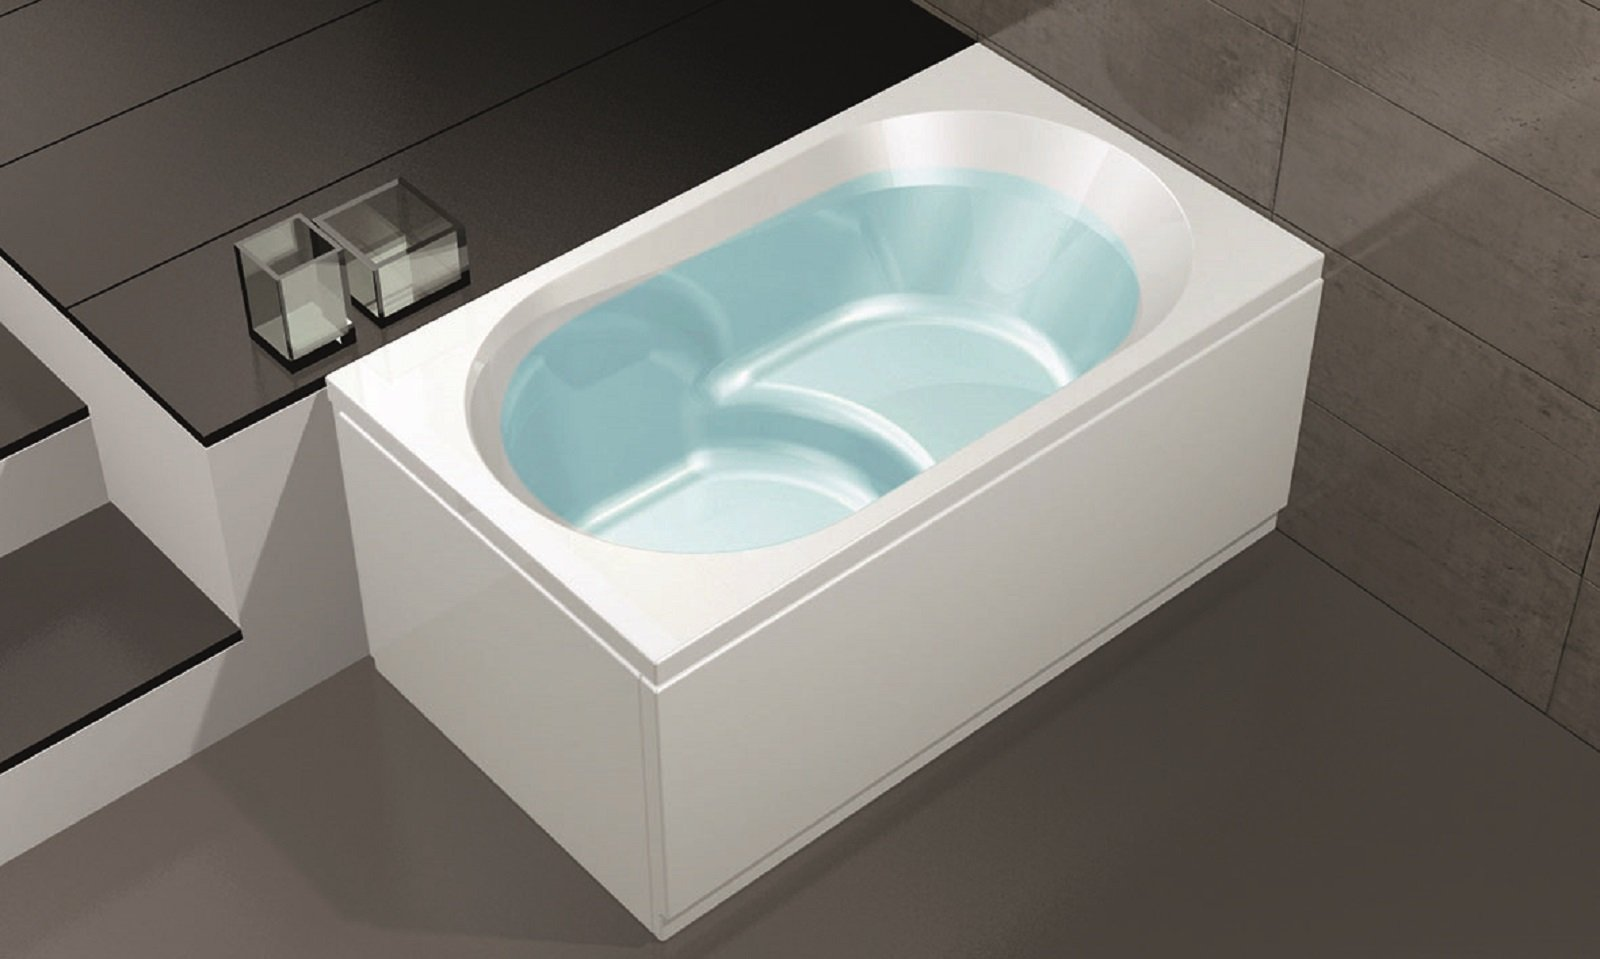 Vasca Da Bagno Misura Piccola : Vasche piccole dalle dimensioni compatte e svariate misure e forme